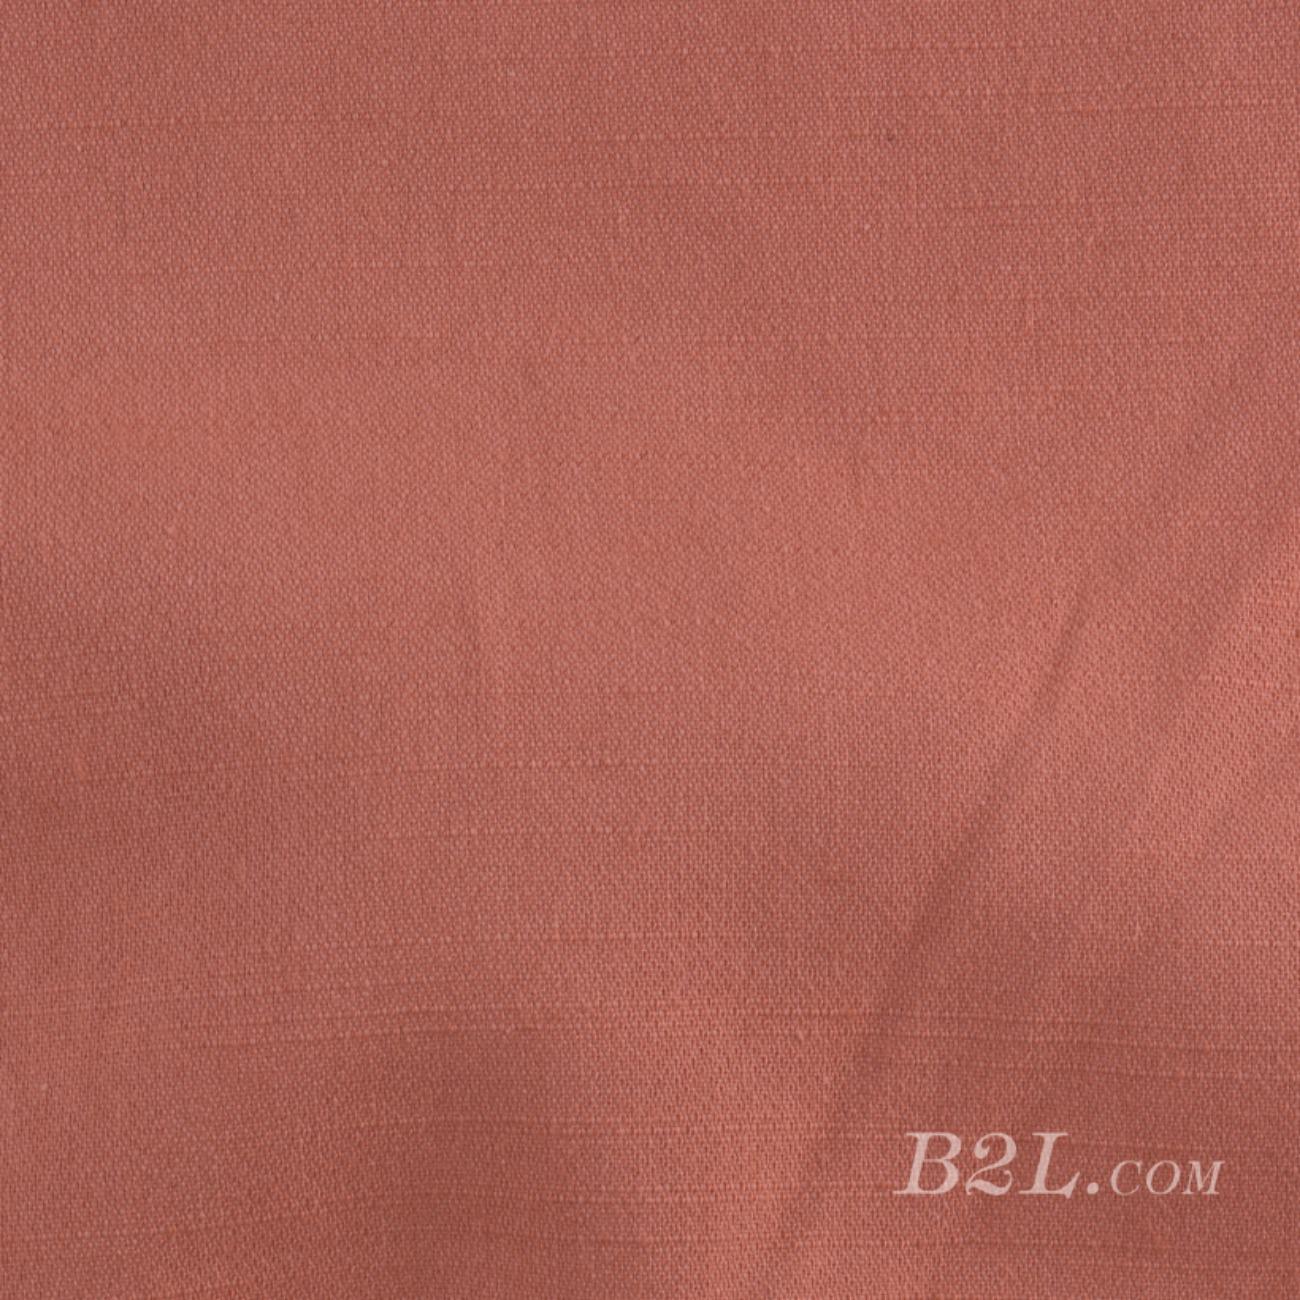 梭织染色素色斜纹面料-春夏秋连衣裙休闲服外套面料91112-5